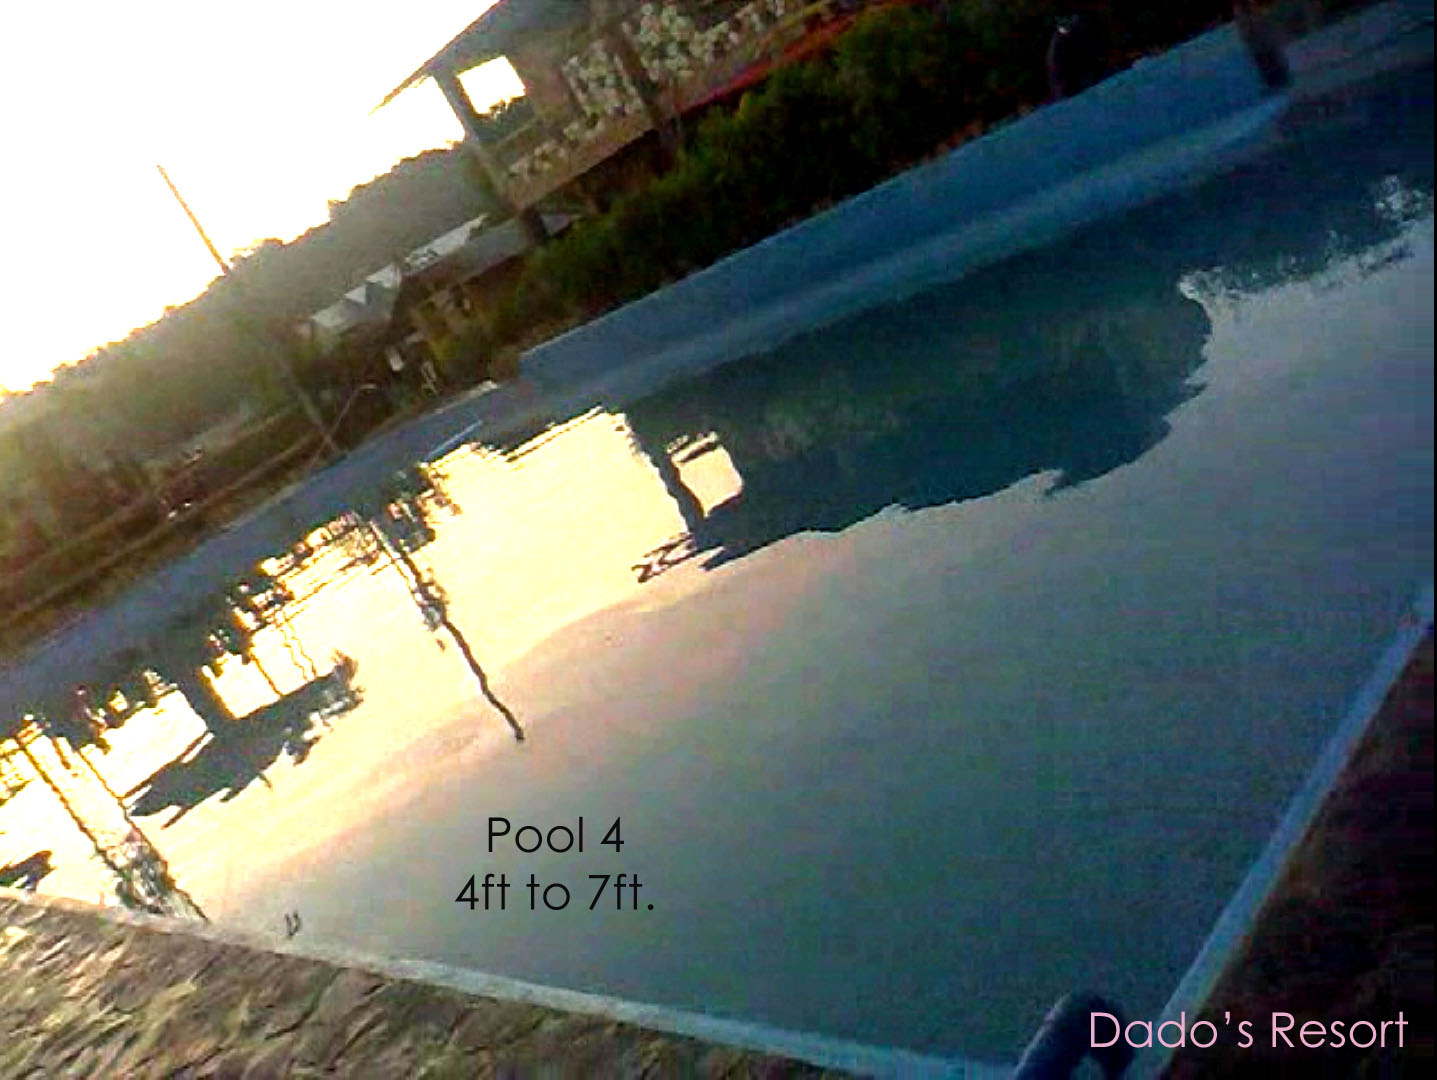 Dados Resort Montalban Rizal